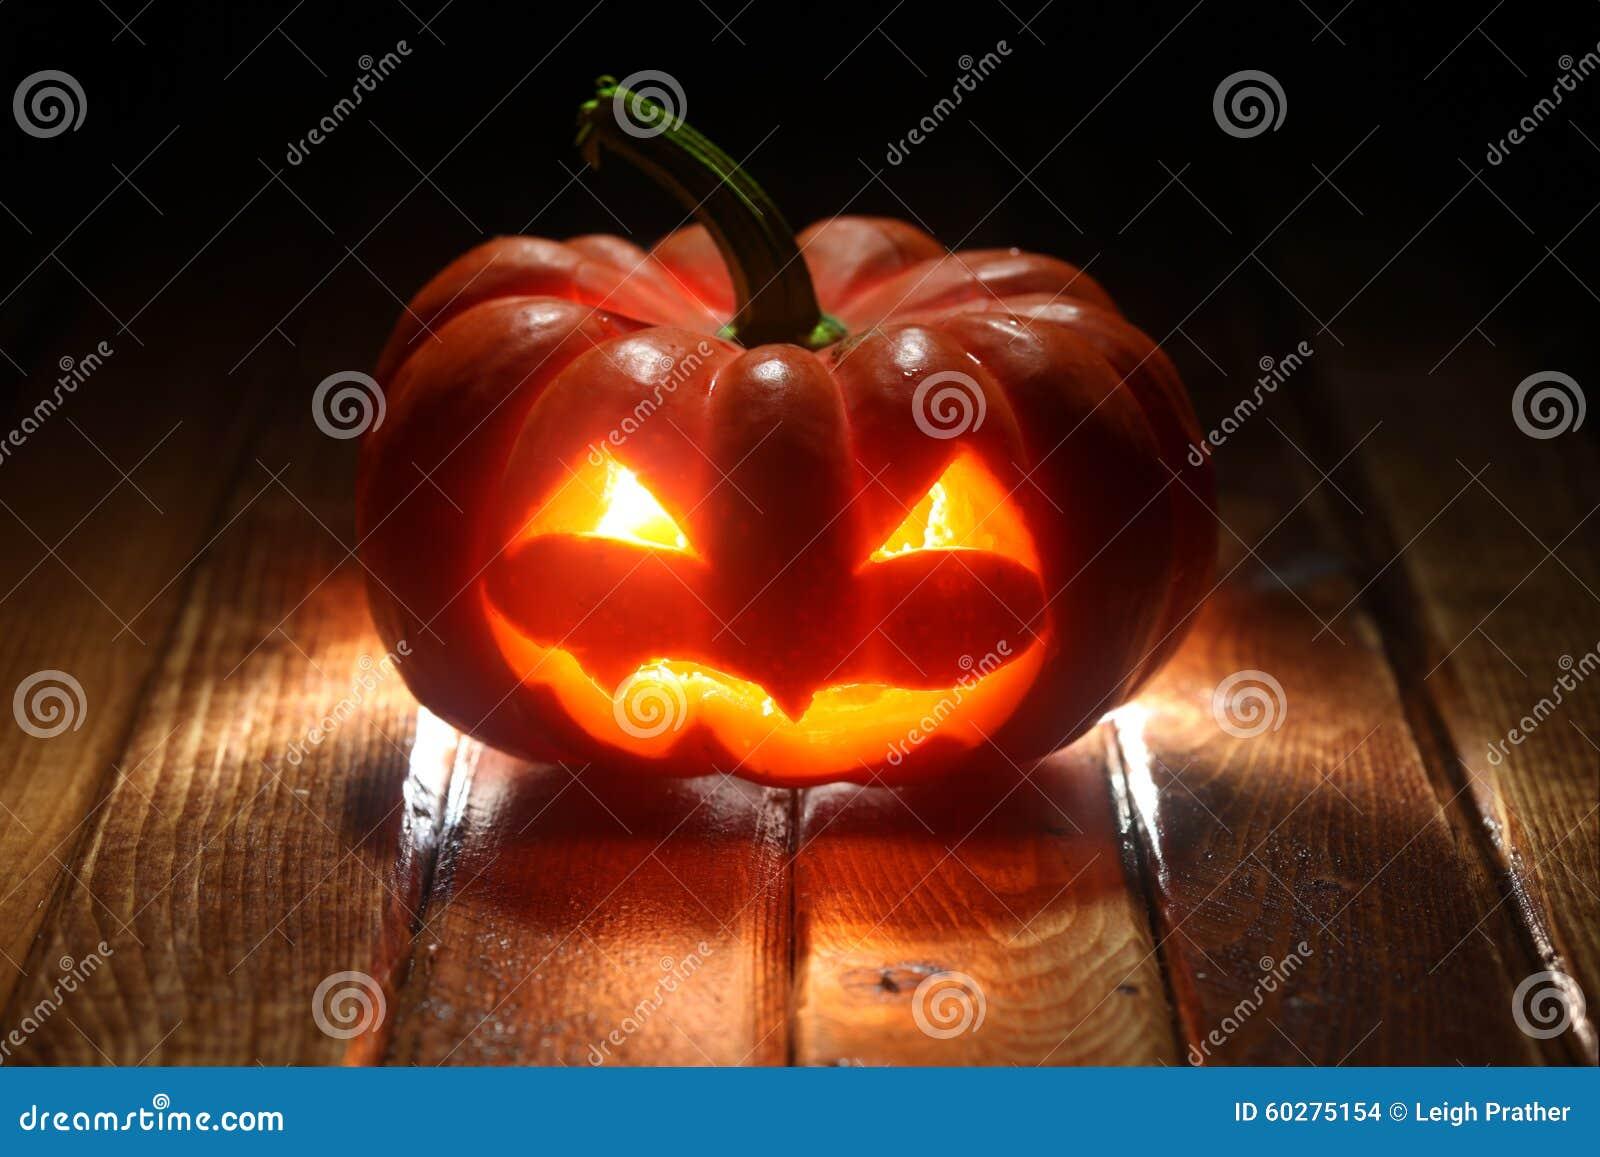 Halloween Jack O 39 Lantern Background Stock Photo Image